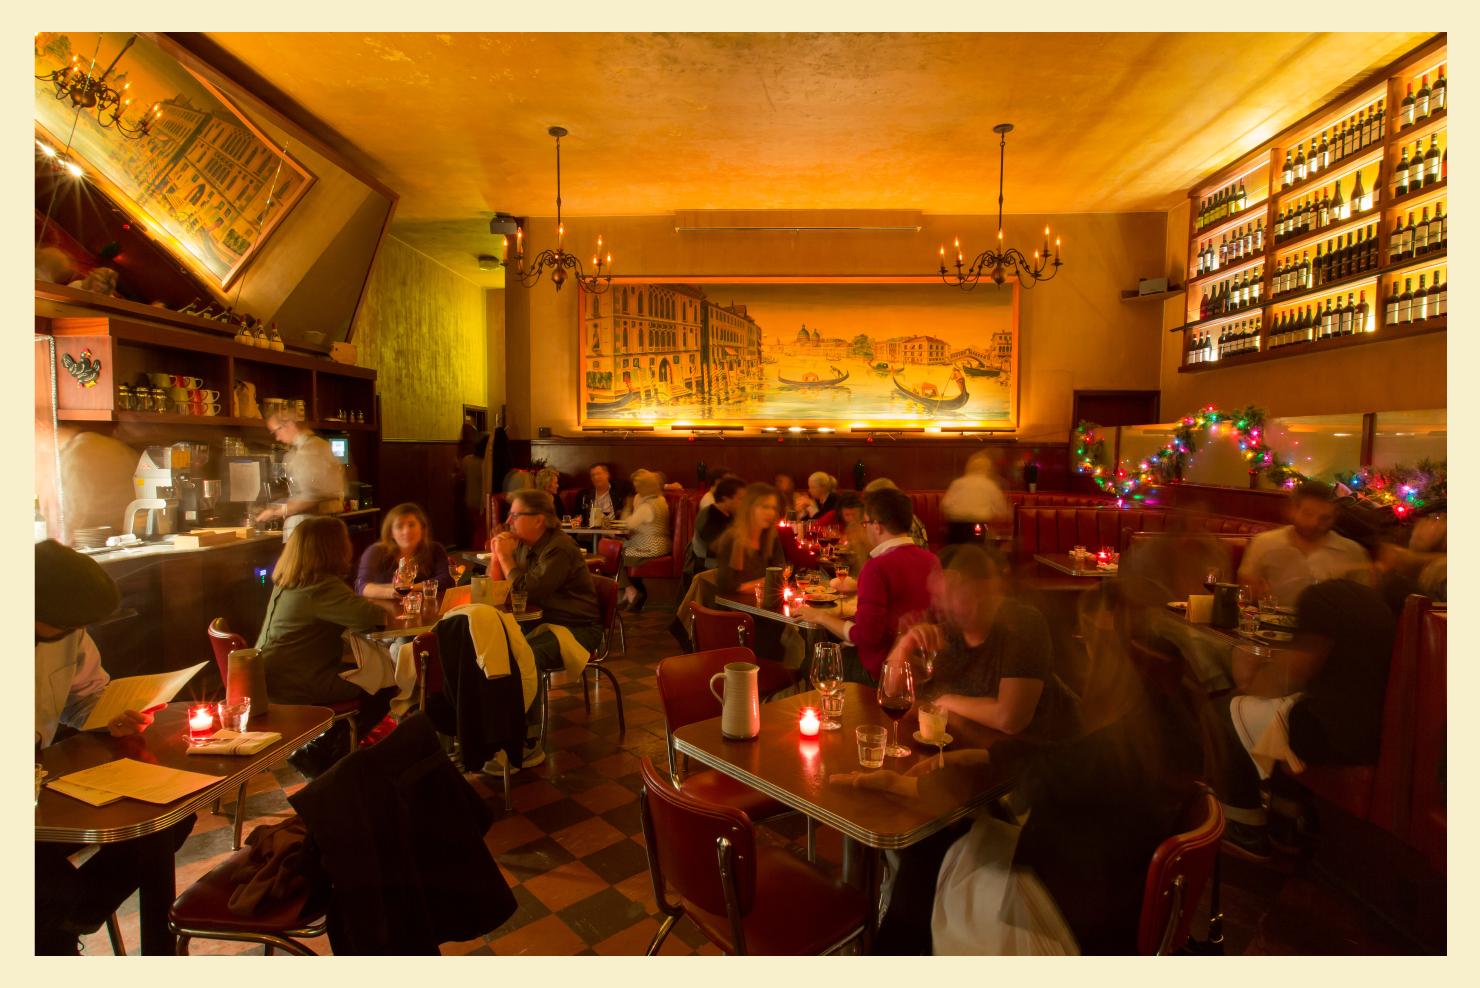 tosca-cafe-dinning-room